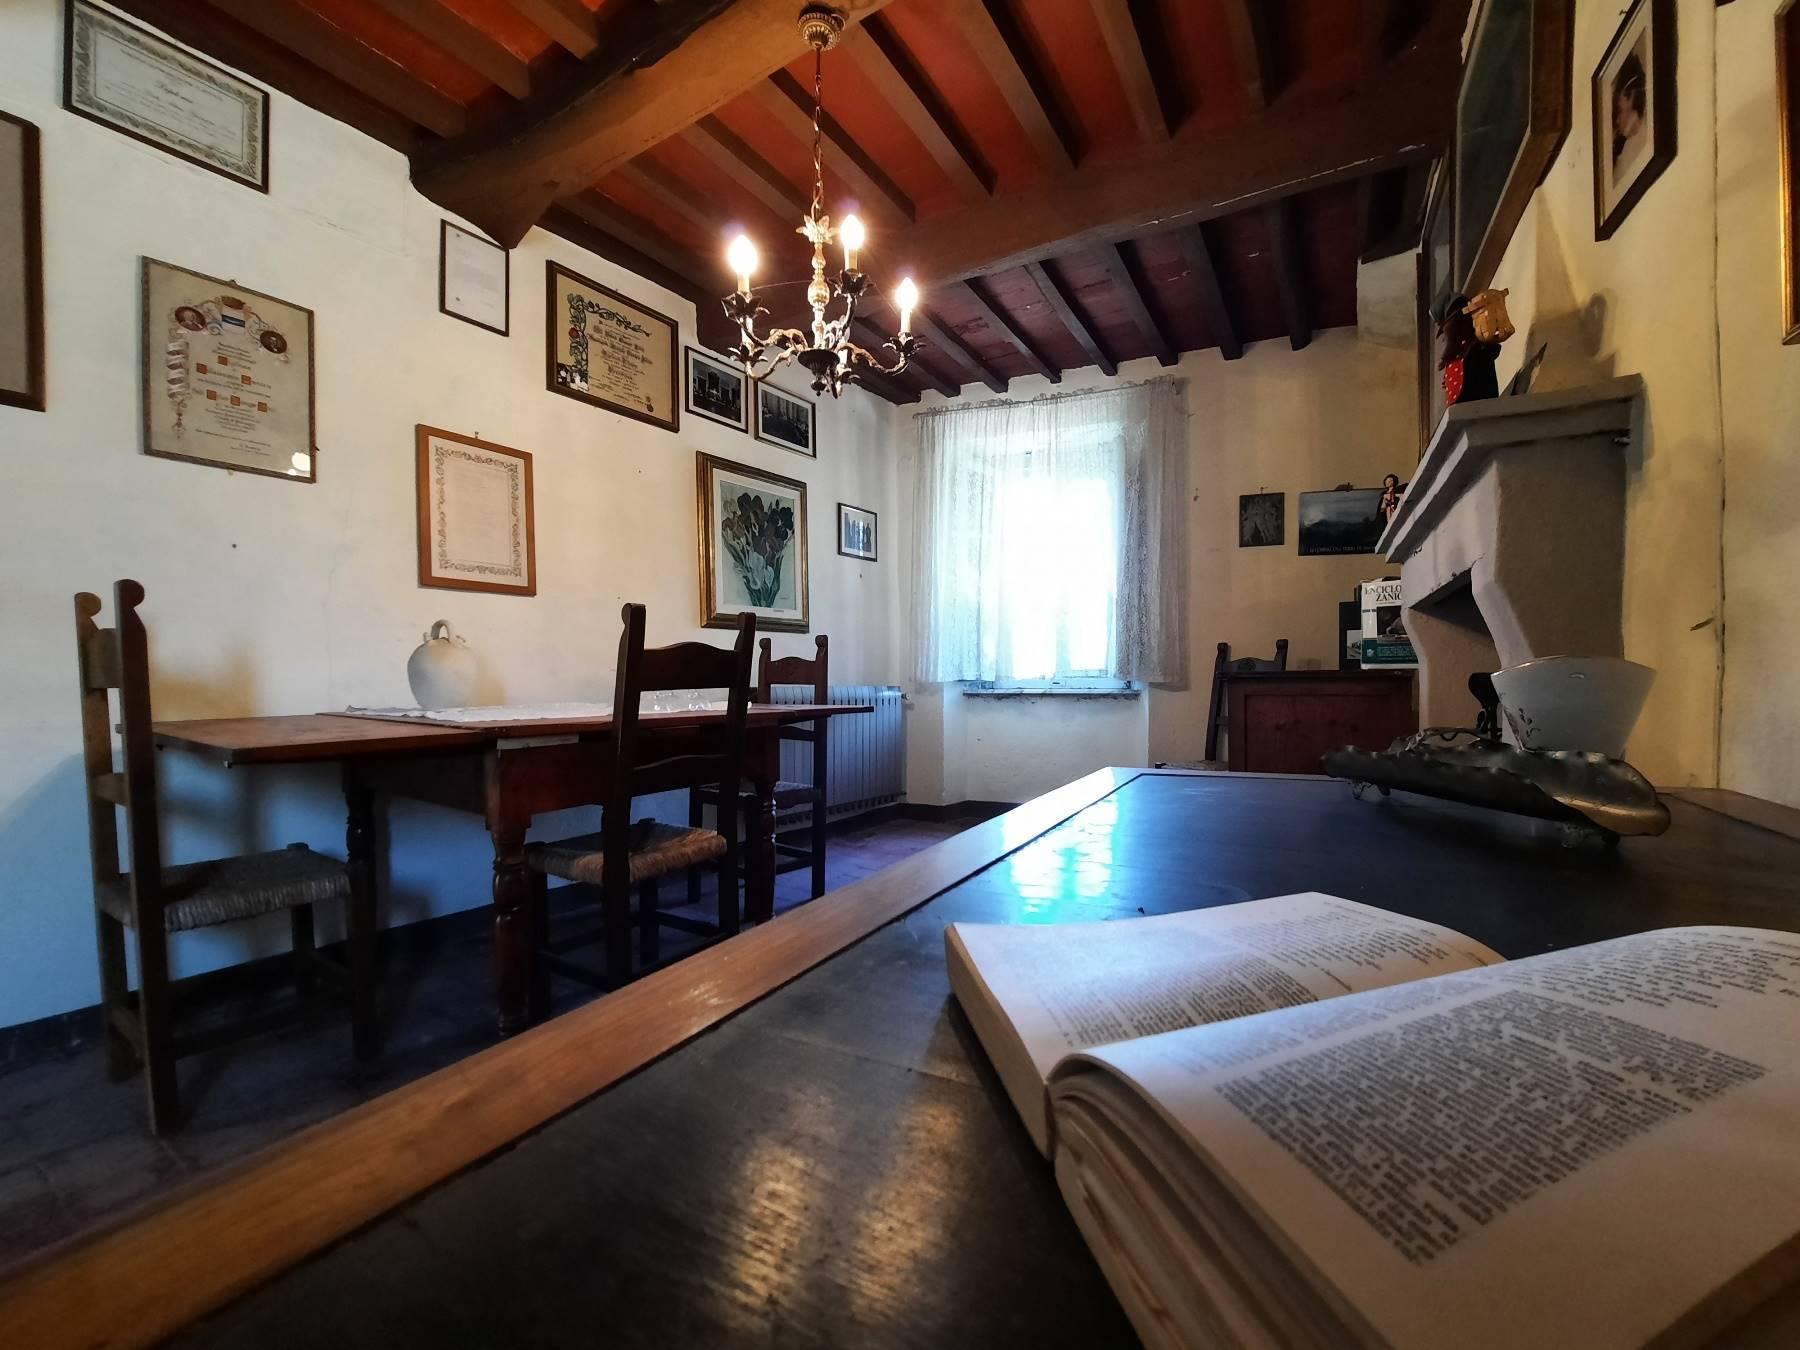 Il soggiorno - The livingroom